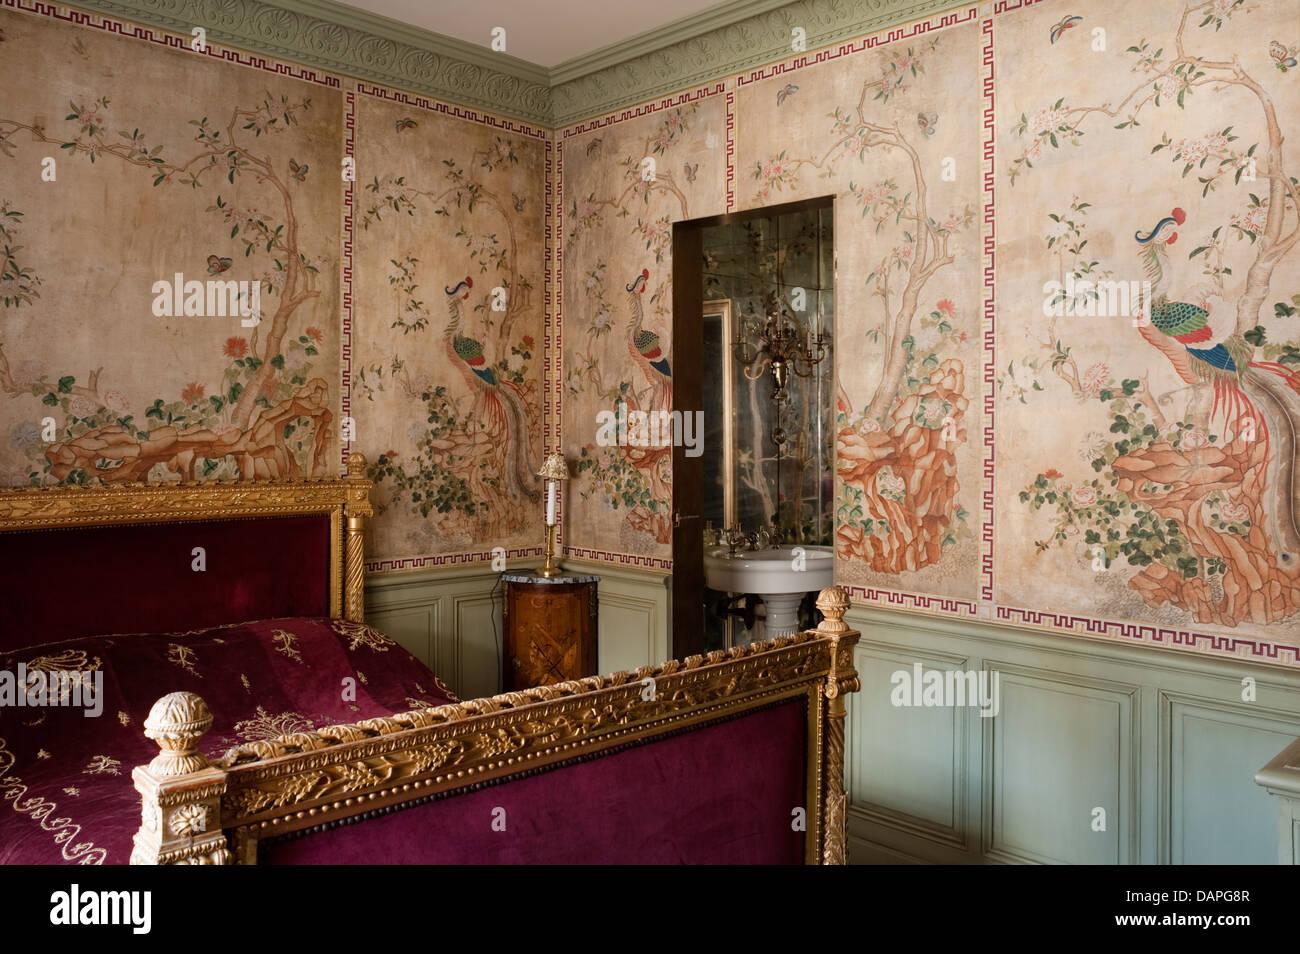 reis-papier gemalt chinesisch wandpaneele in schlafzimmer mit, Schlafzimmer entwurf